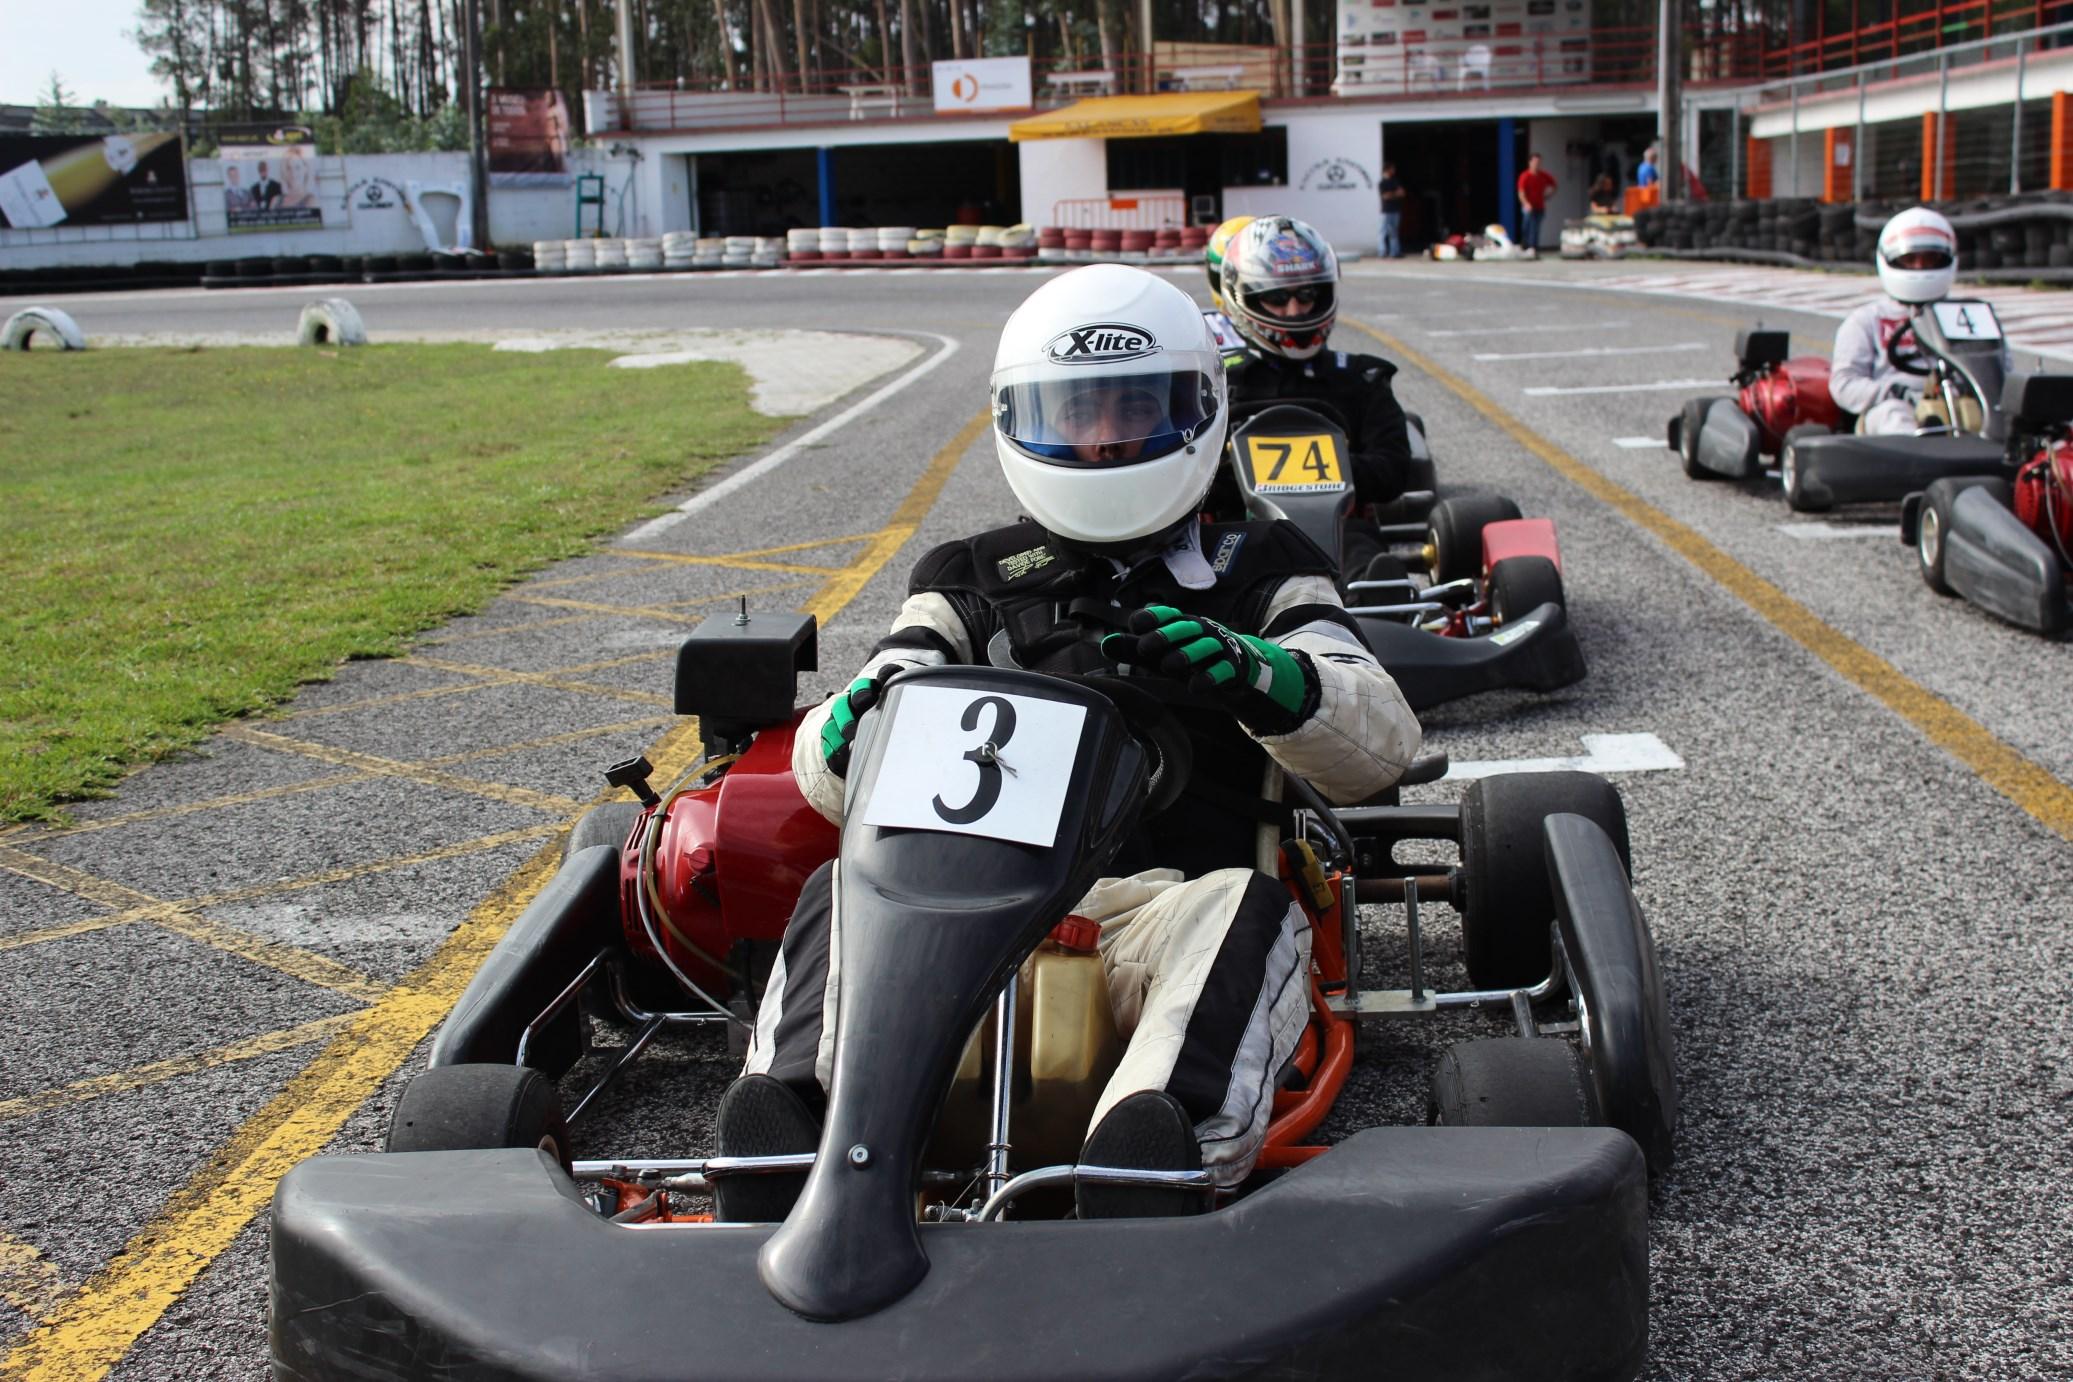 Troféu Honda 2014 - 4ª Prova109